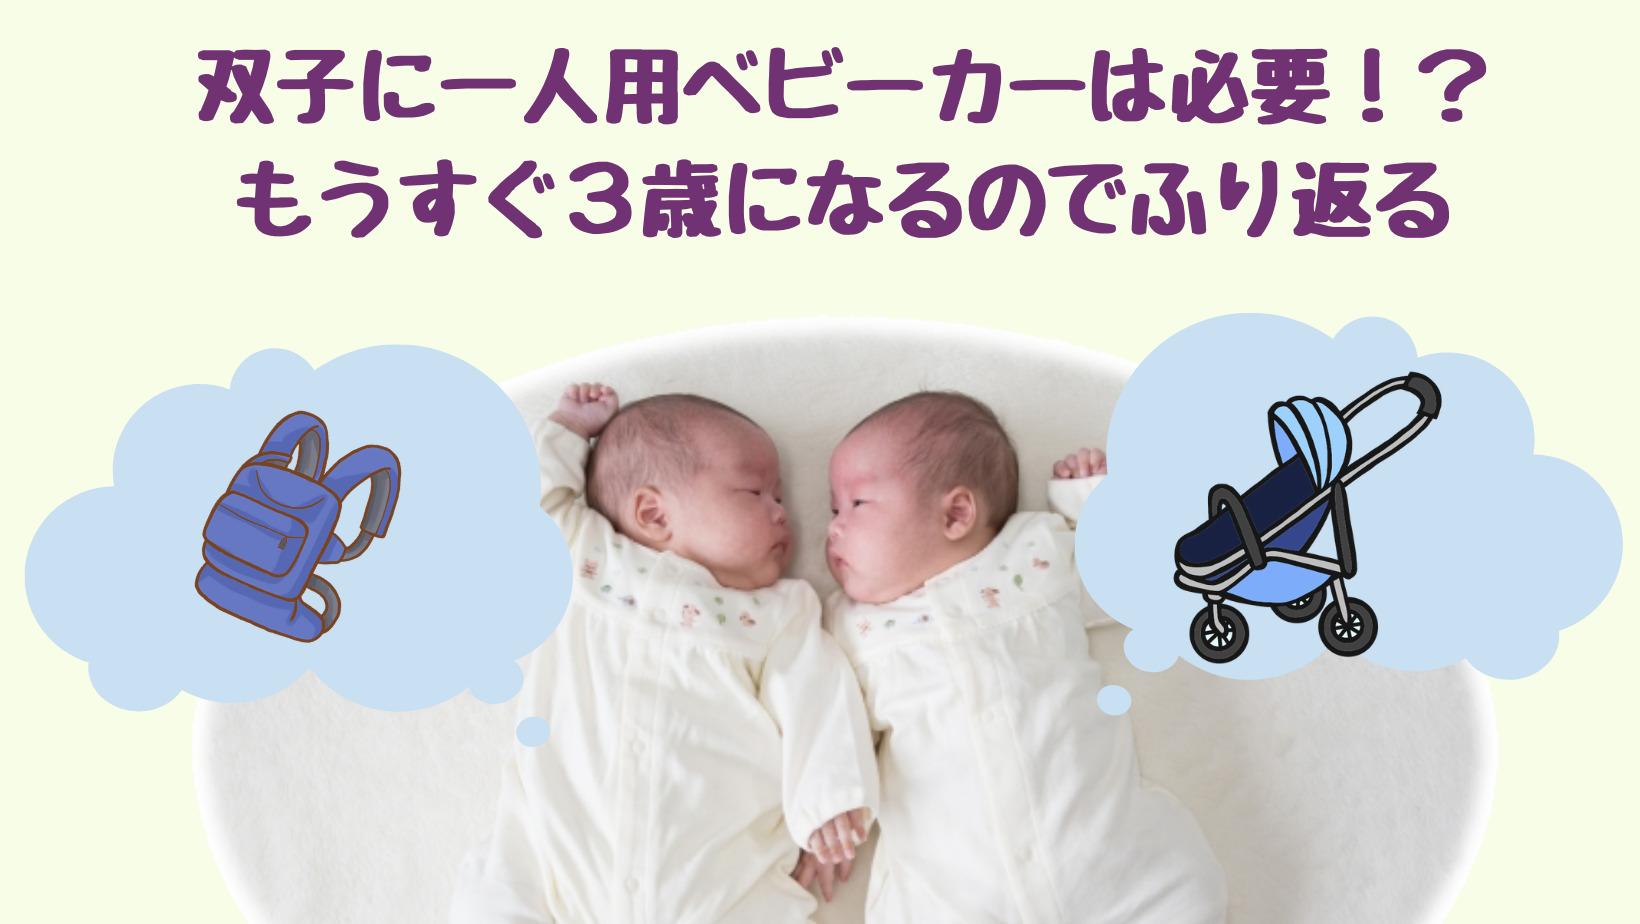 双子に一人用ベビーカーは必要なのか